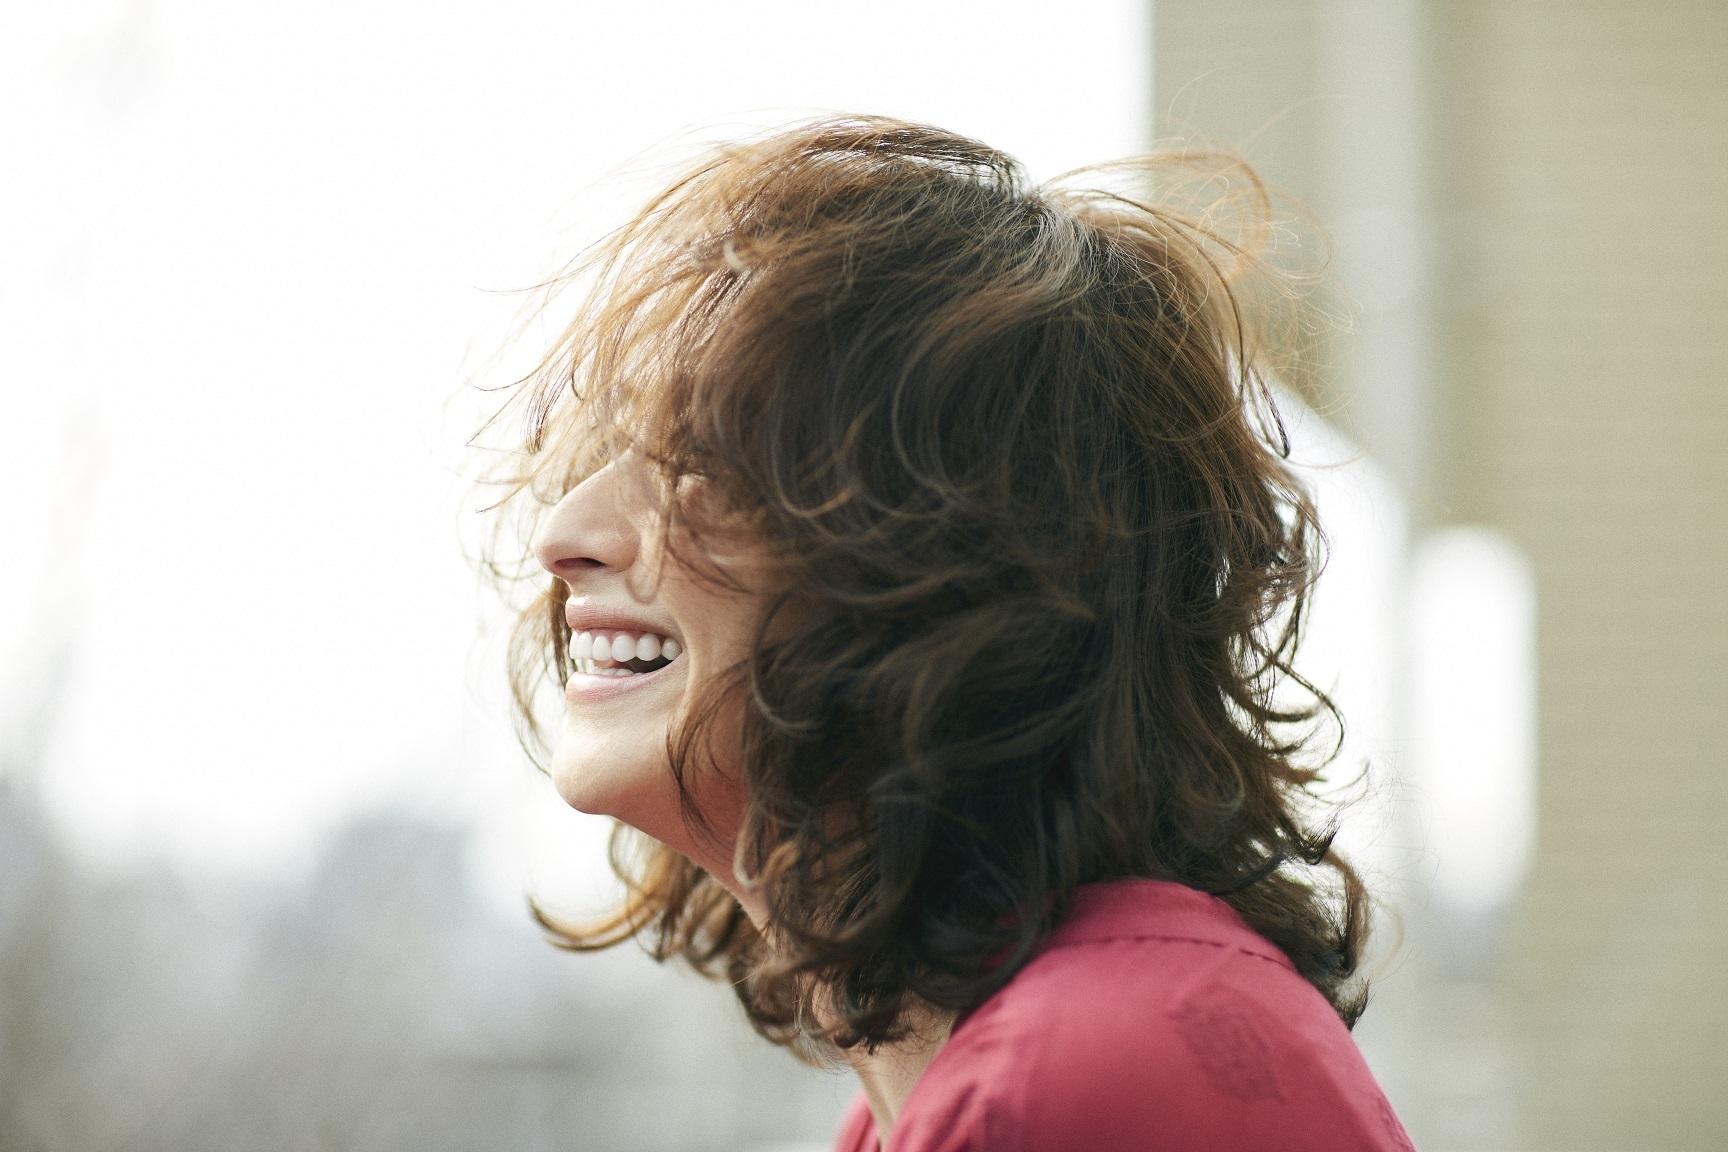 亜希さん、初のエッセイ『亜希のことば   私を笑顔にしてくれるヒト・コト・モノ』刊行!WEB限定インタビュー【後半】_1_1